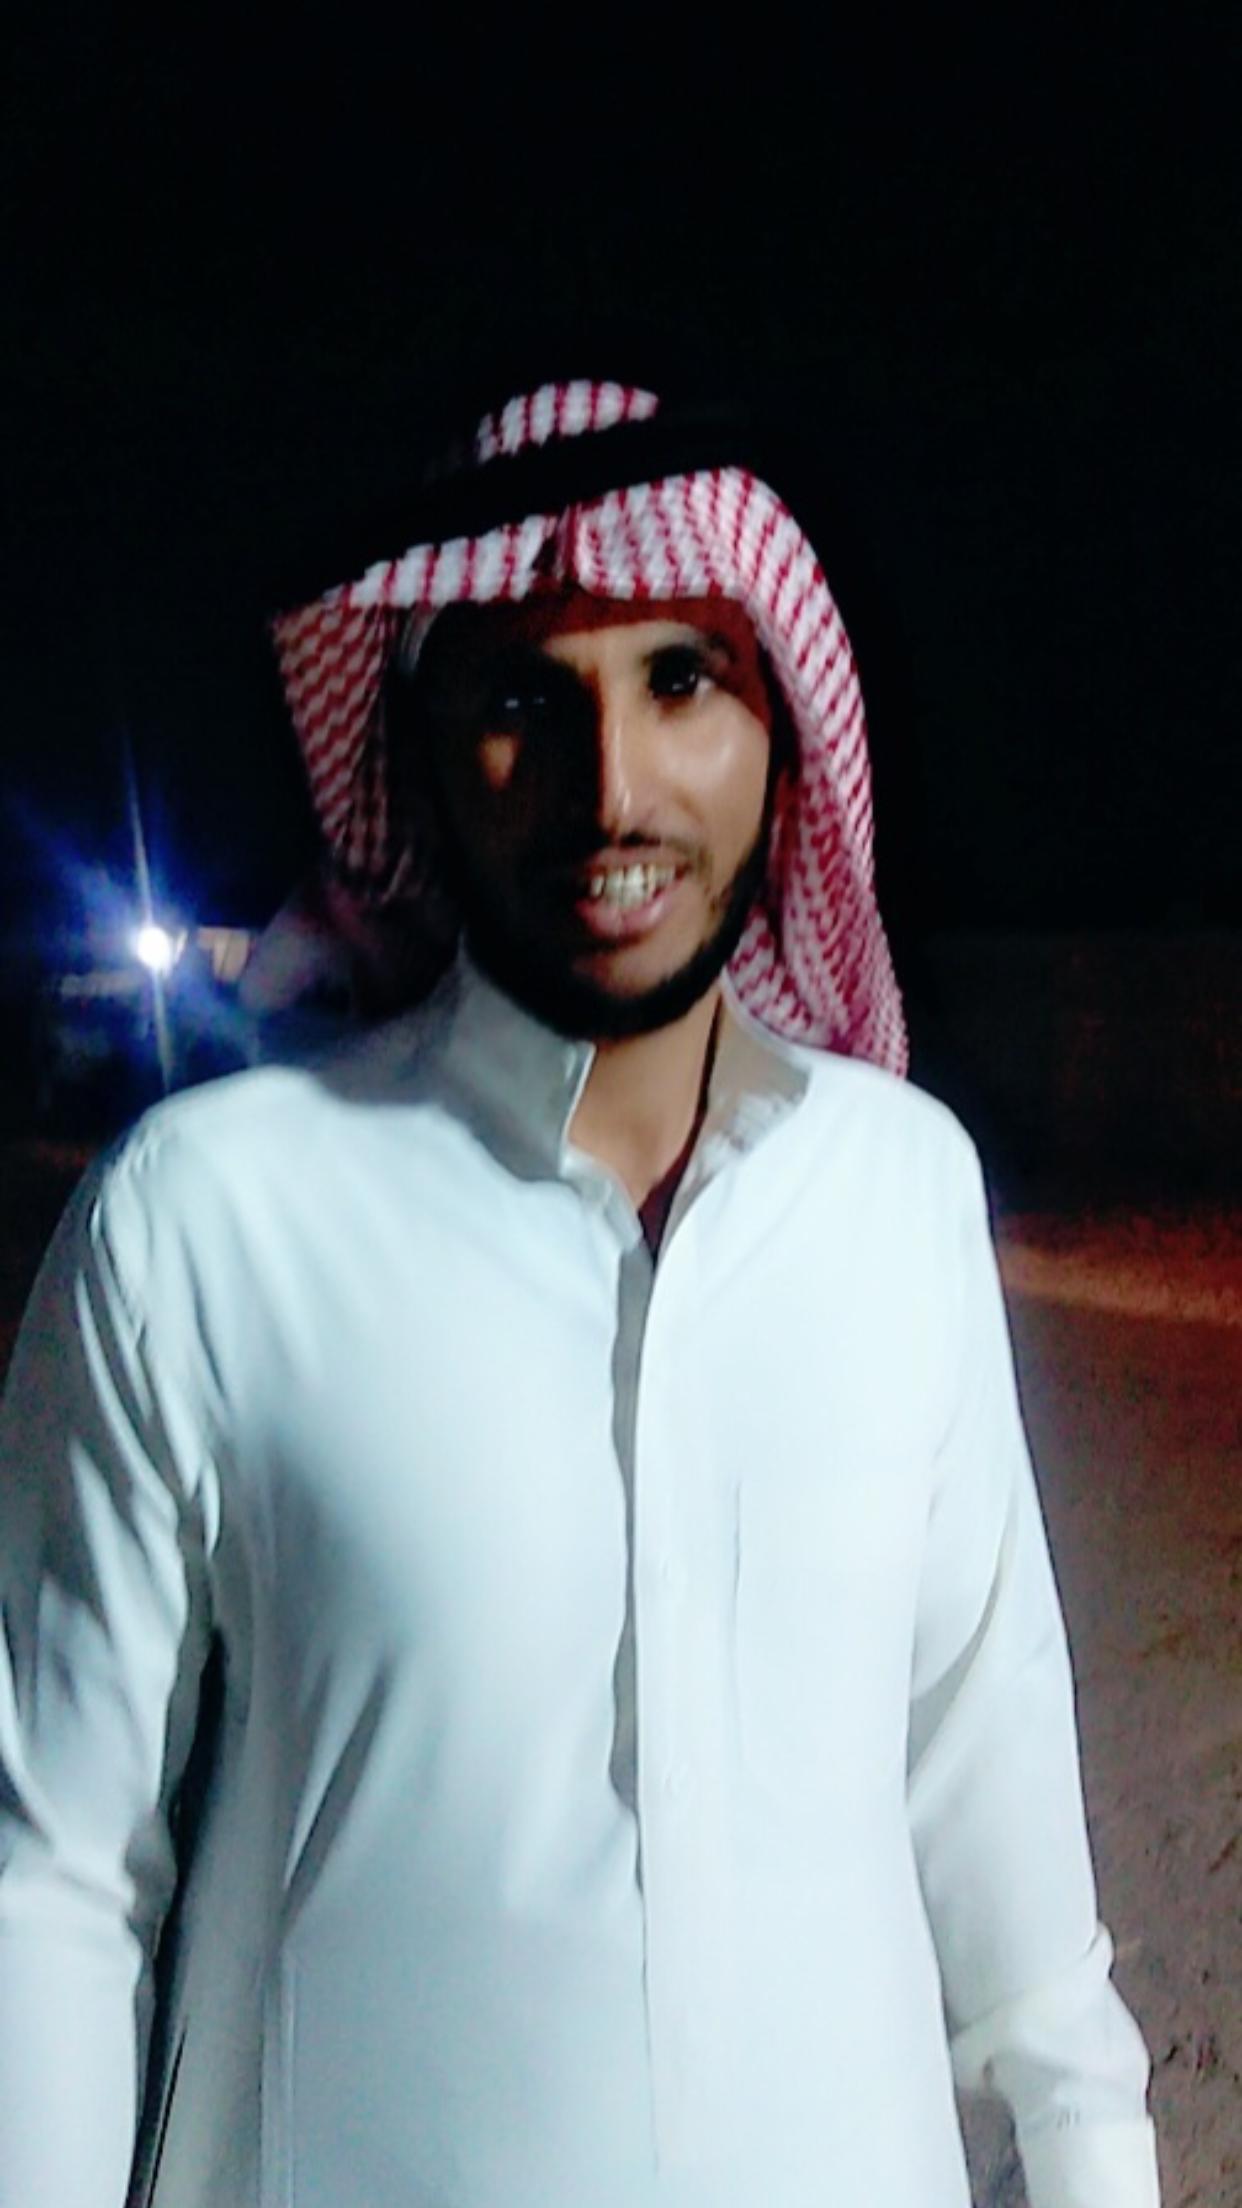 الشاب / حمدان فرج الجحم البلوي يحتفل بزواجه 9218F9C8 00E2 4117 B635 1886716BC4F9